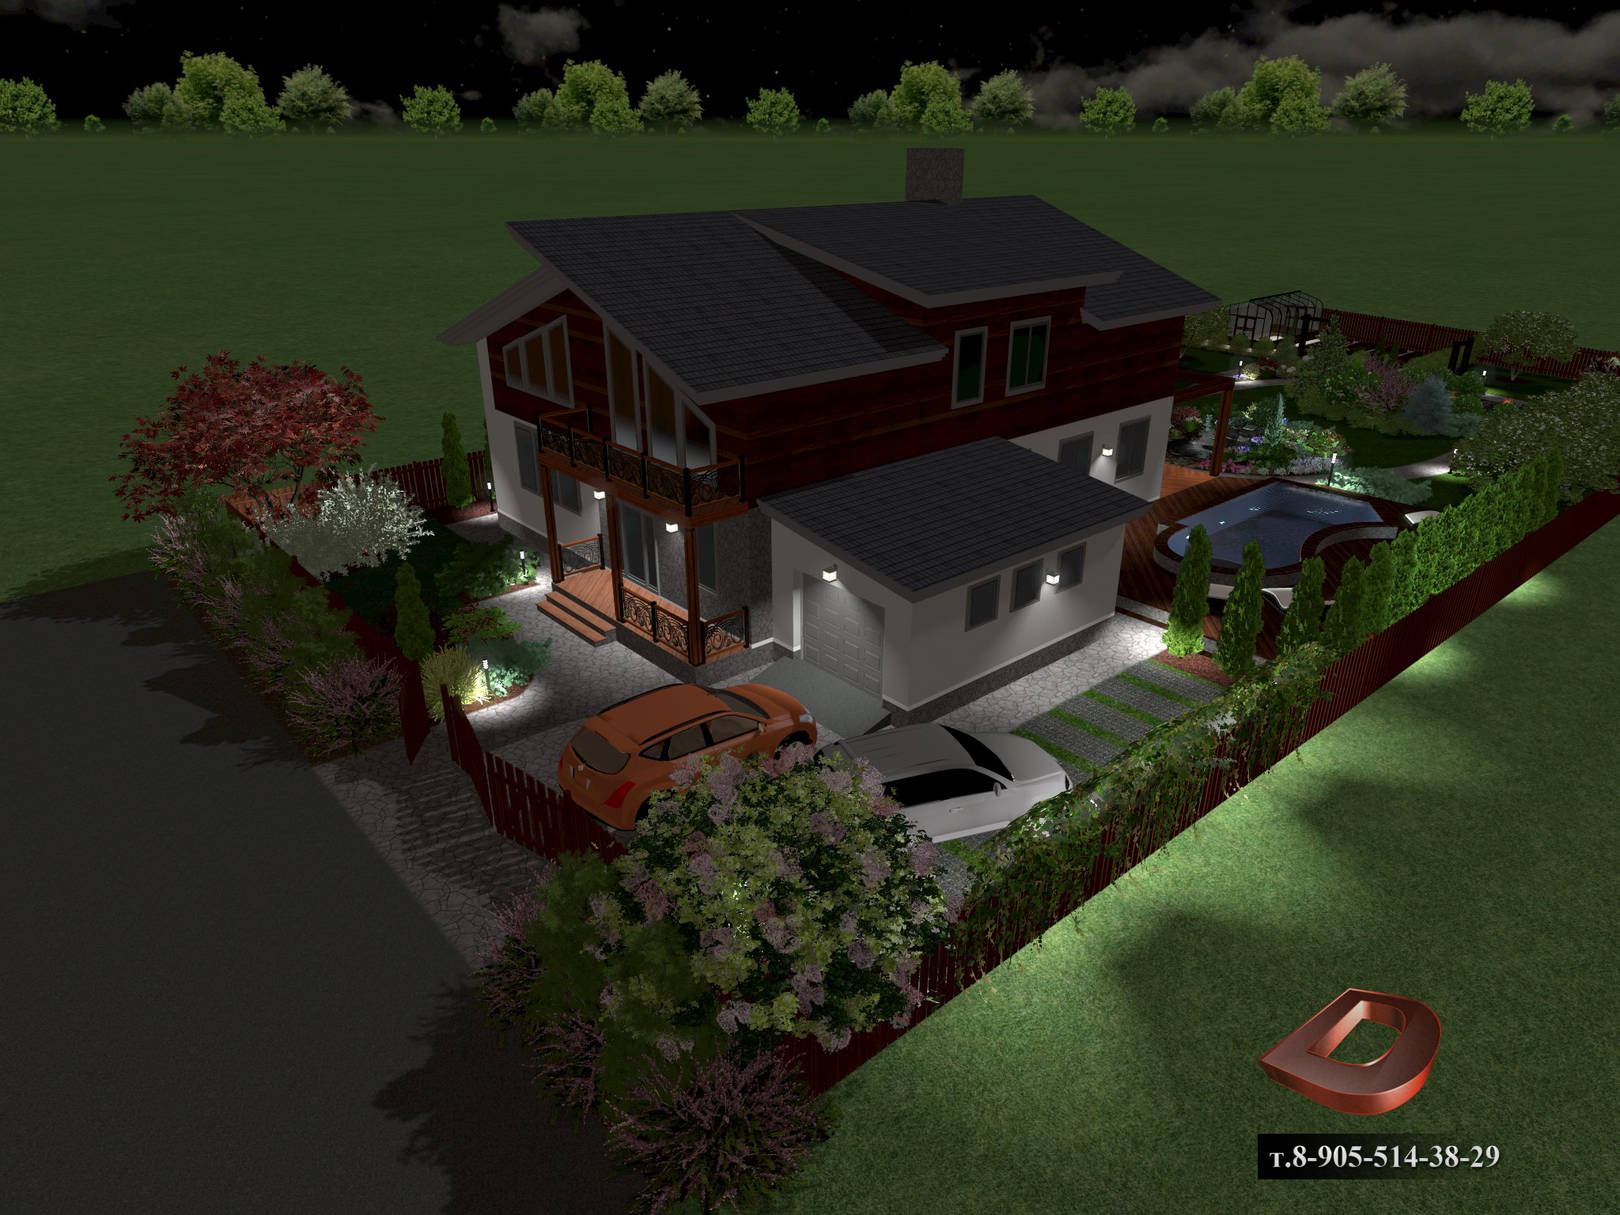 Ландшафтный дизайн дачного участка 14 соток, входная зона в ночное время . Освещение участка